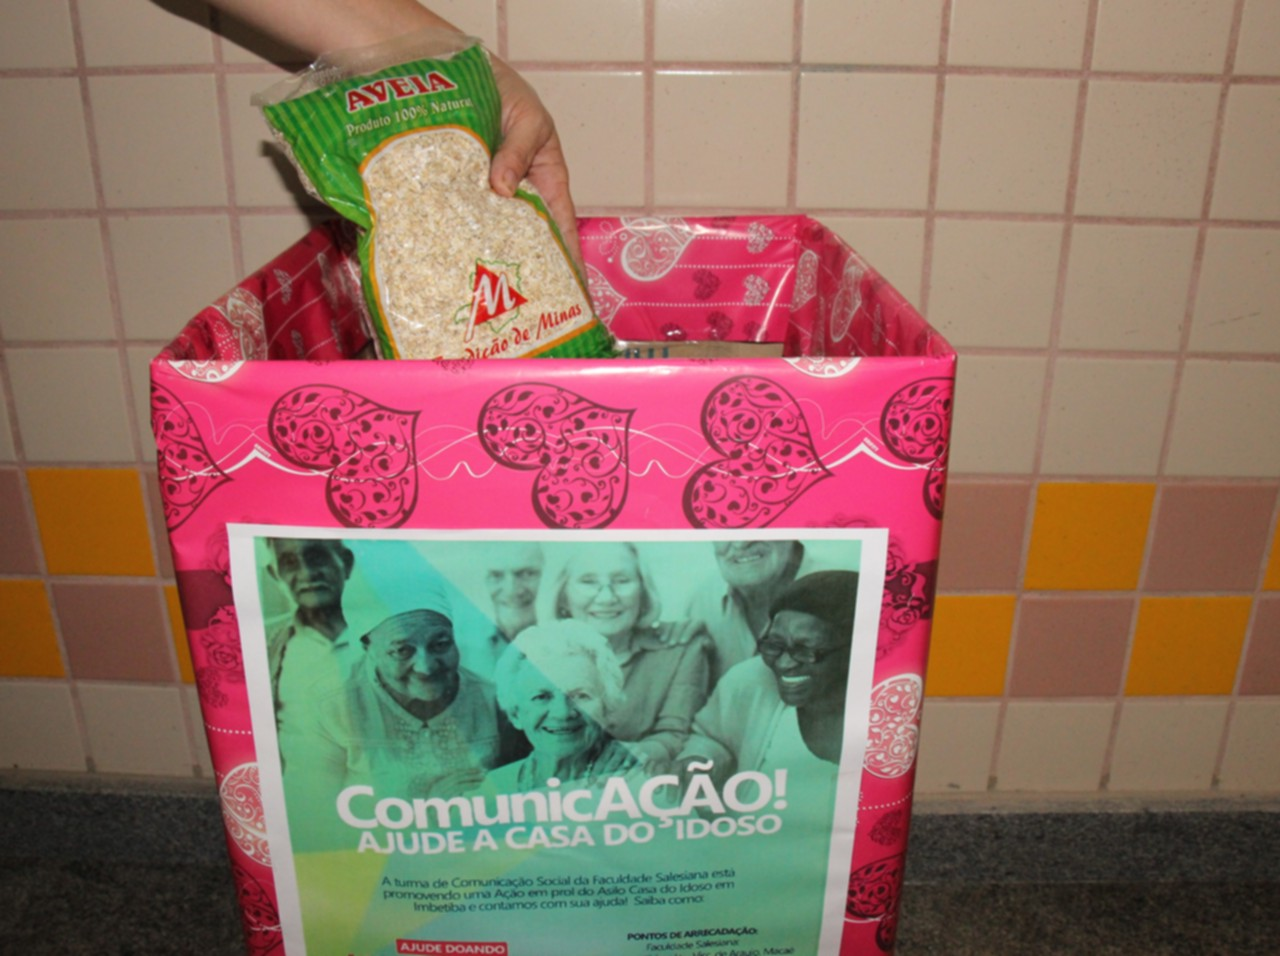 Curso de Comunicação promove ação social para Casa do Idoso